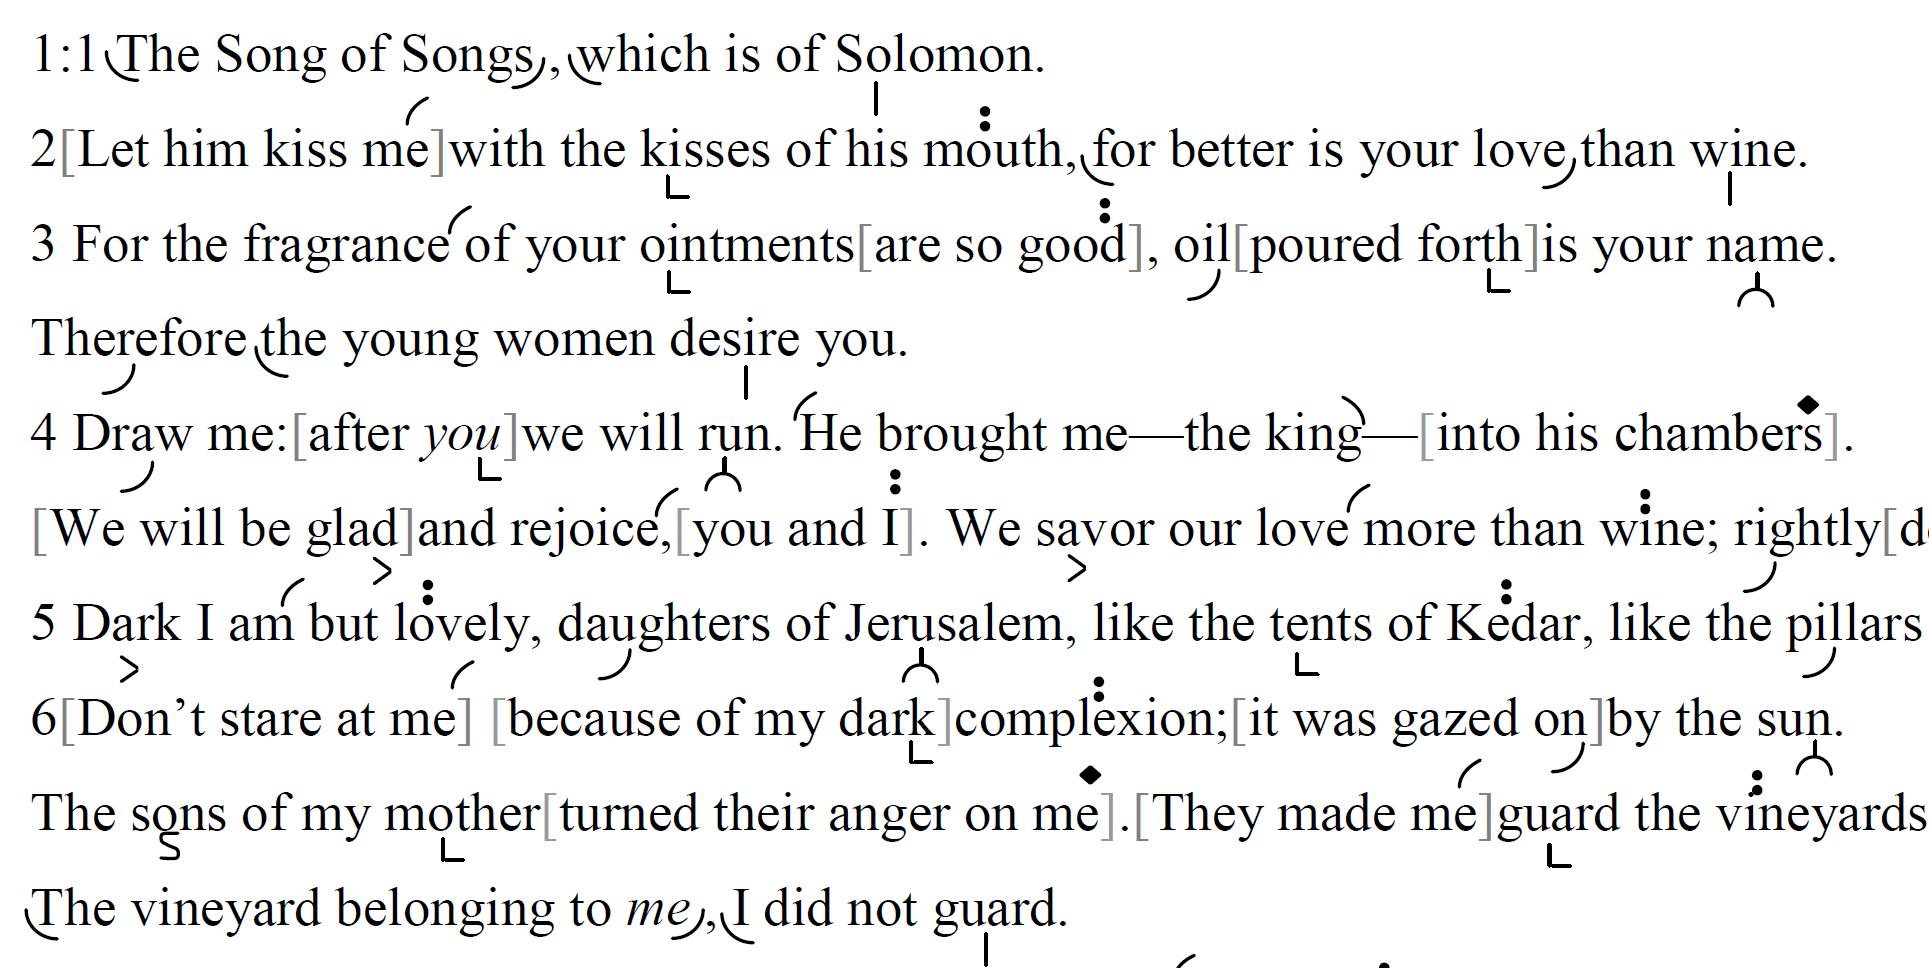 שִׁיר הַשִּׁירִים | Shir haShirim :: the Song of Songs